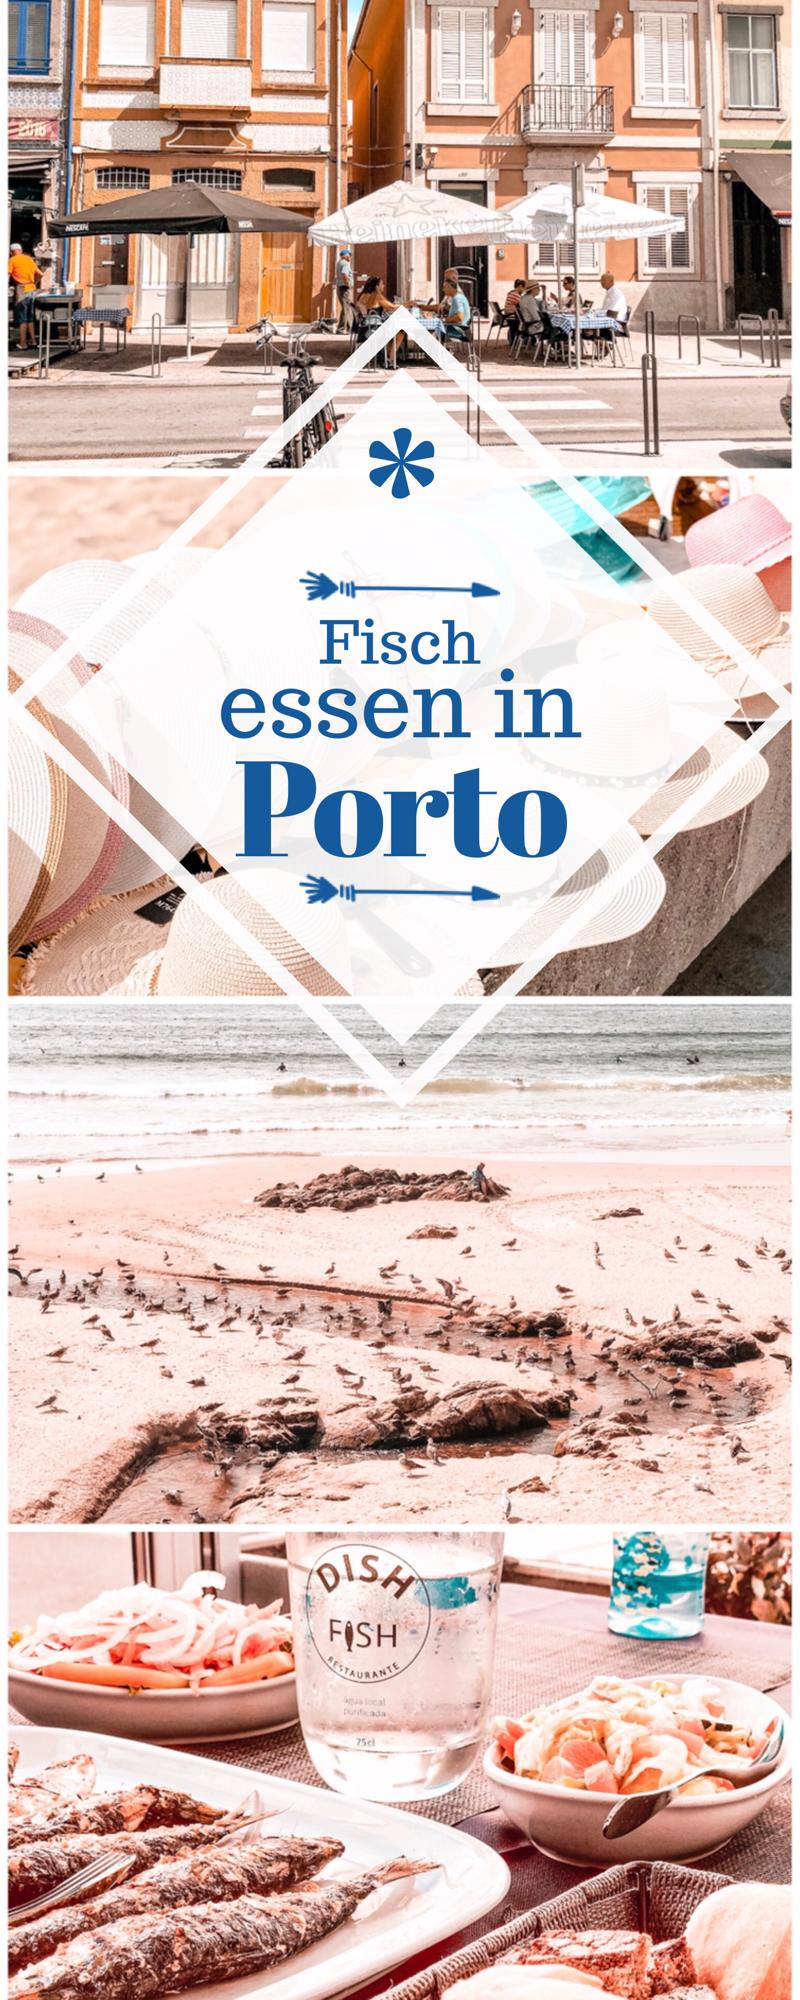 Fisch essen in Porto - Tipps für die schönsten Stadt in Portugal